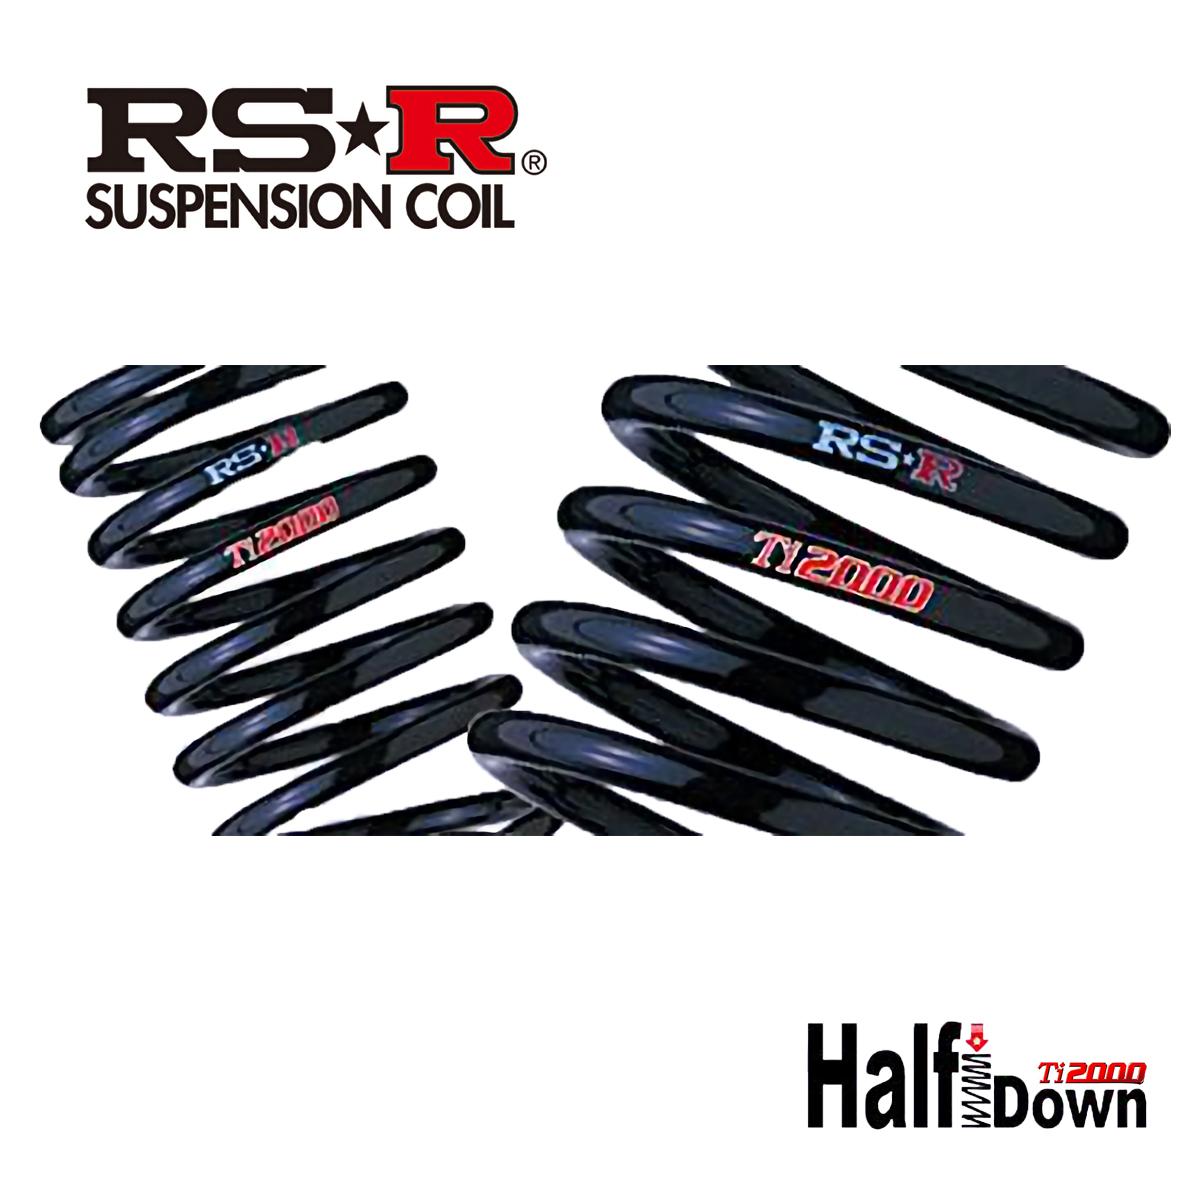 RS-R アルトワークス ベースグレード HA36S ダウンサス スプリング 1台分 S022TD Ti2000 ダウン RSR 条件付き送料無料